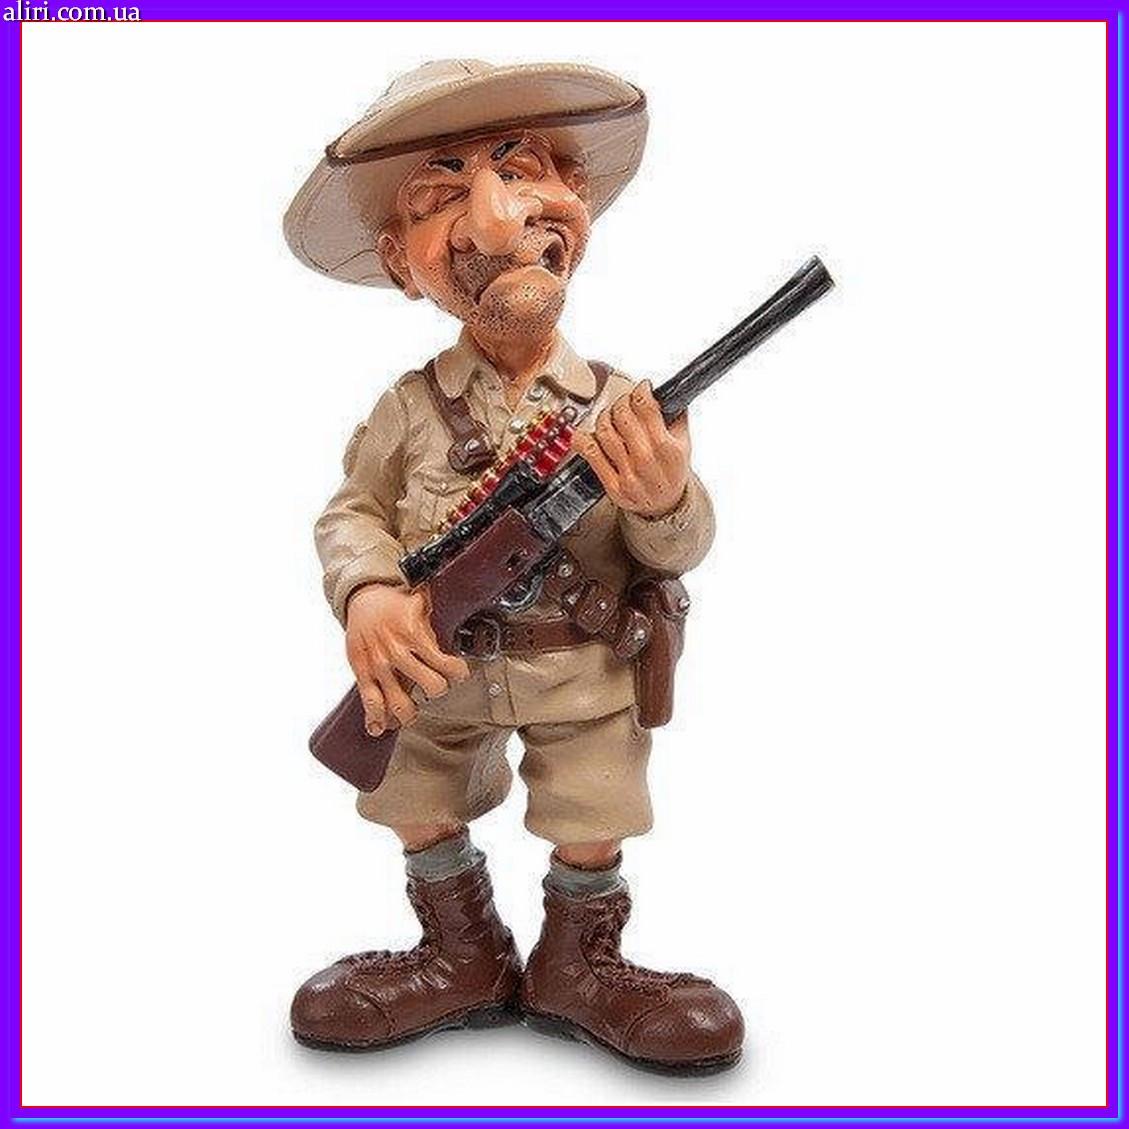 Статуэтка Охотник сафари 17 см W.Stratford, прикольный подарок охотнику, фото 1